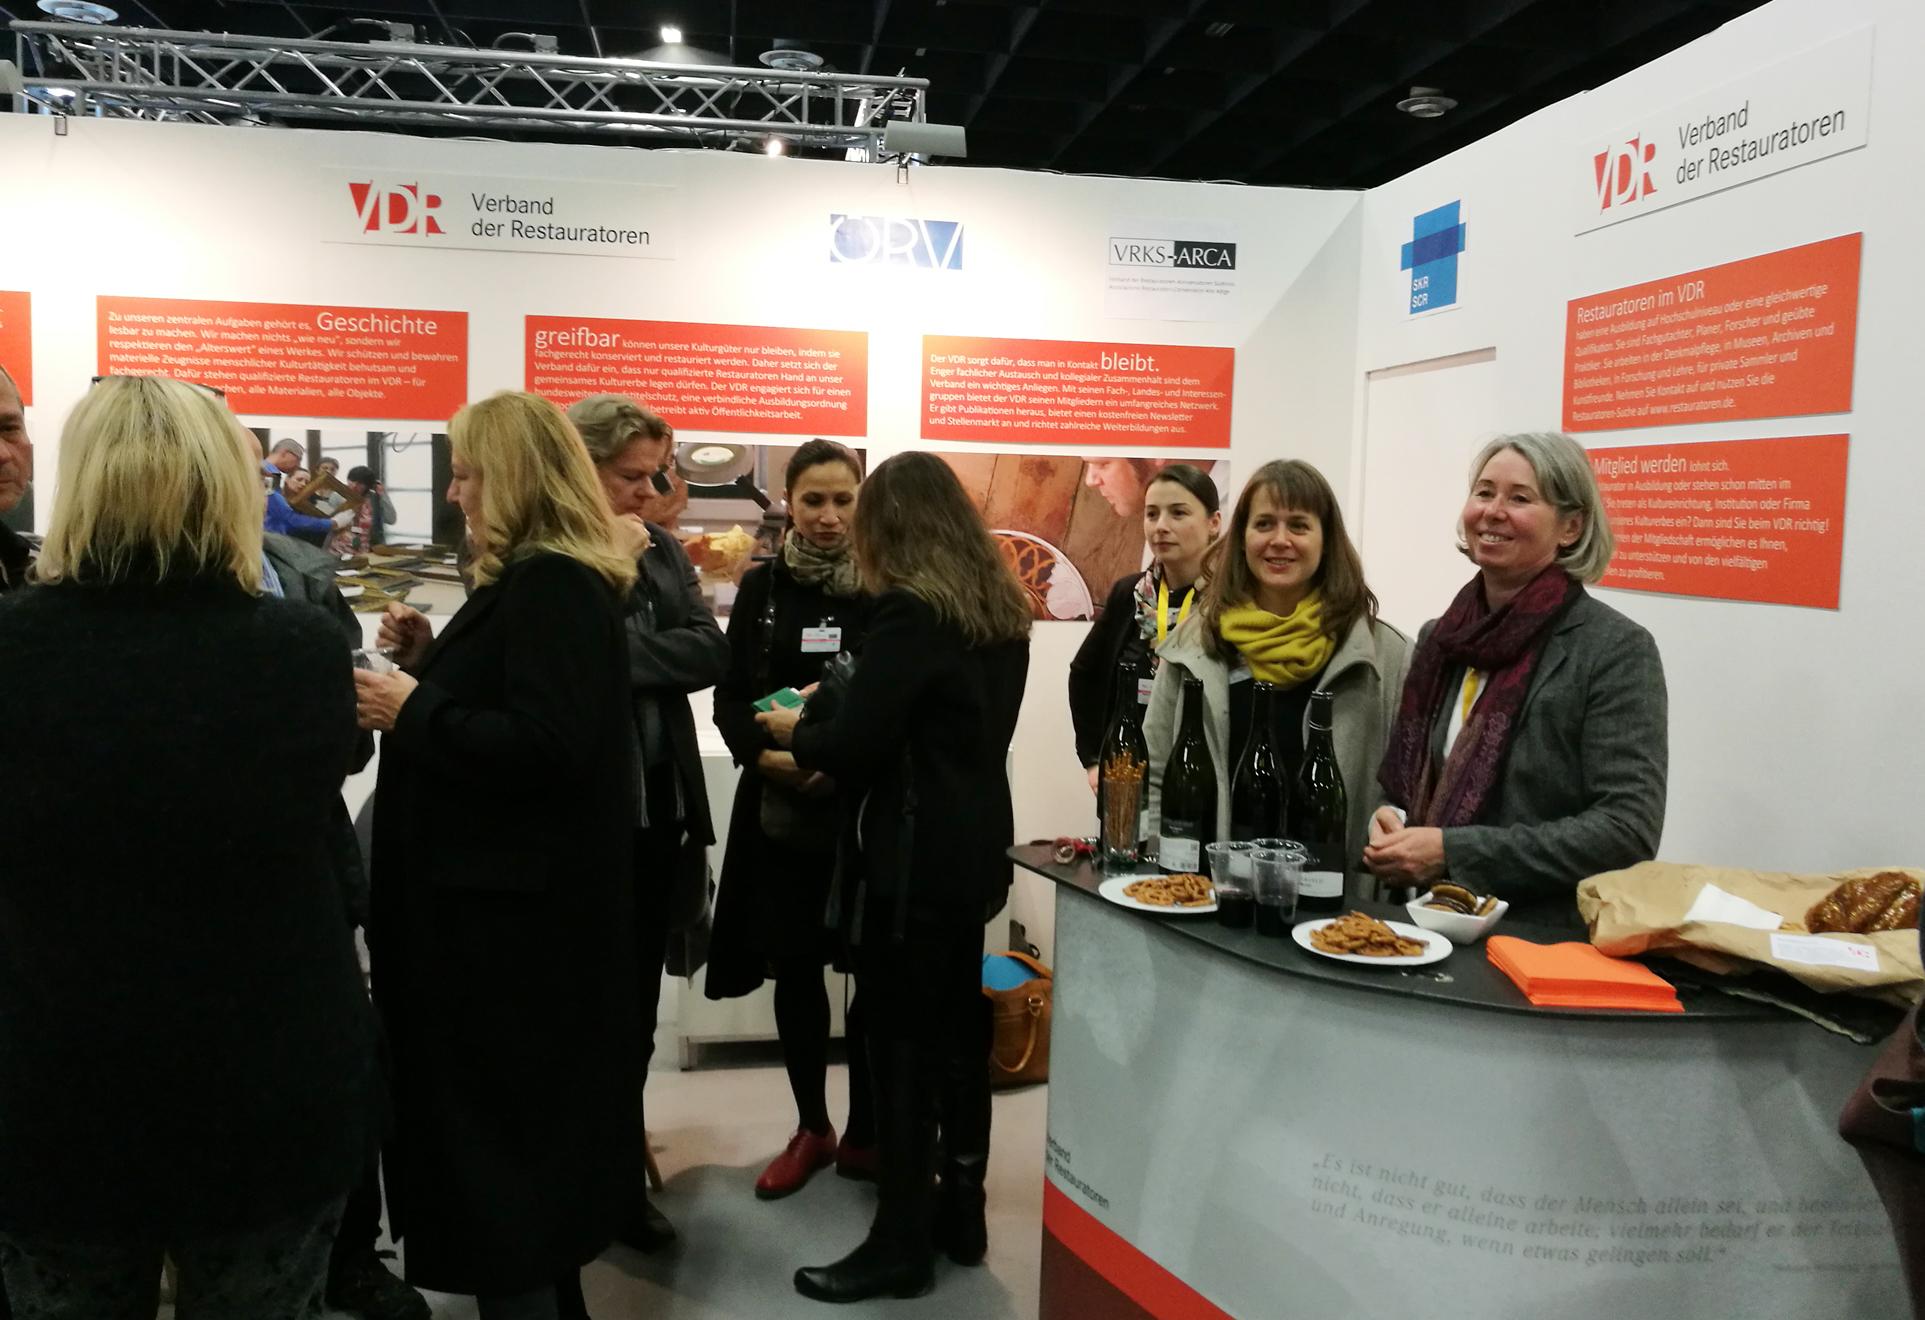 Weinausschank am VDR-Messestand auf Initiative des Südtiroler Restauratorenverbandes. Im Bild: VDR-Schatzmeisterin Susanne Danter und VDR-Geschäftsführerin Katharina Trifterer.